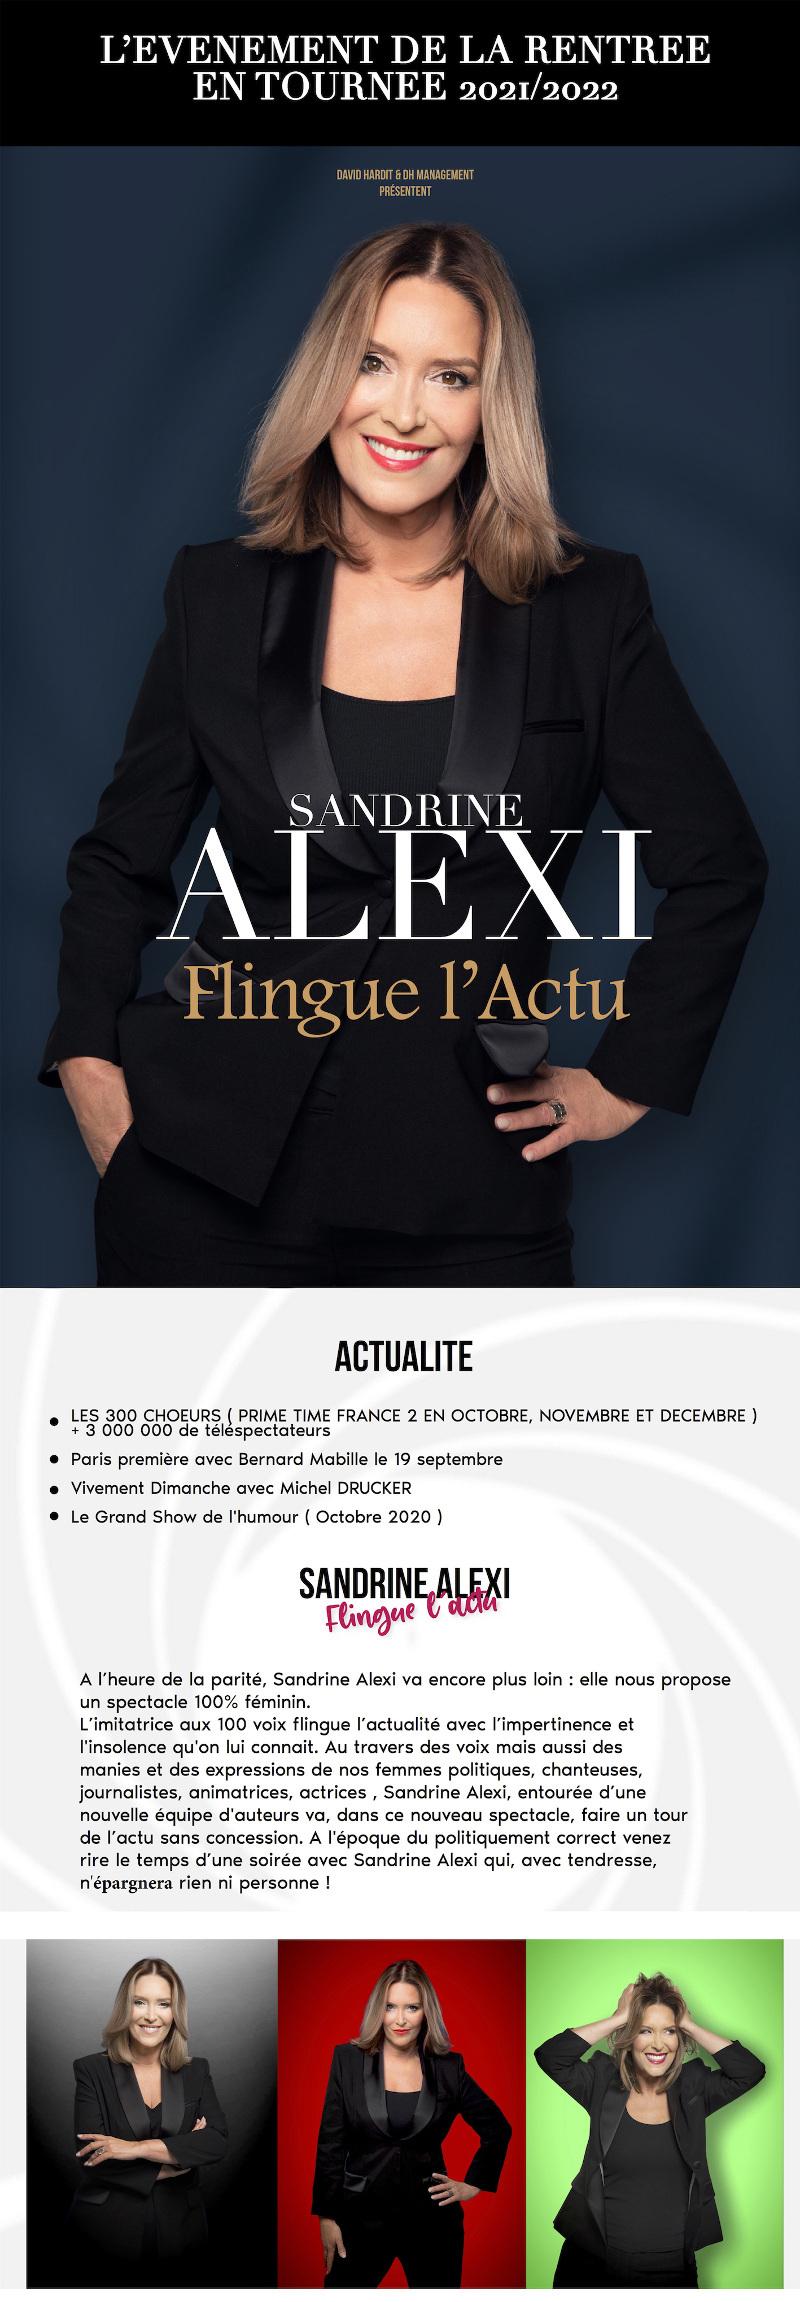 Sandrine ALEXI Flingue l'Actu en TOURNEE 2021/2022